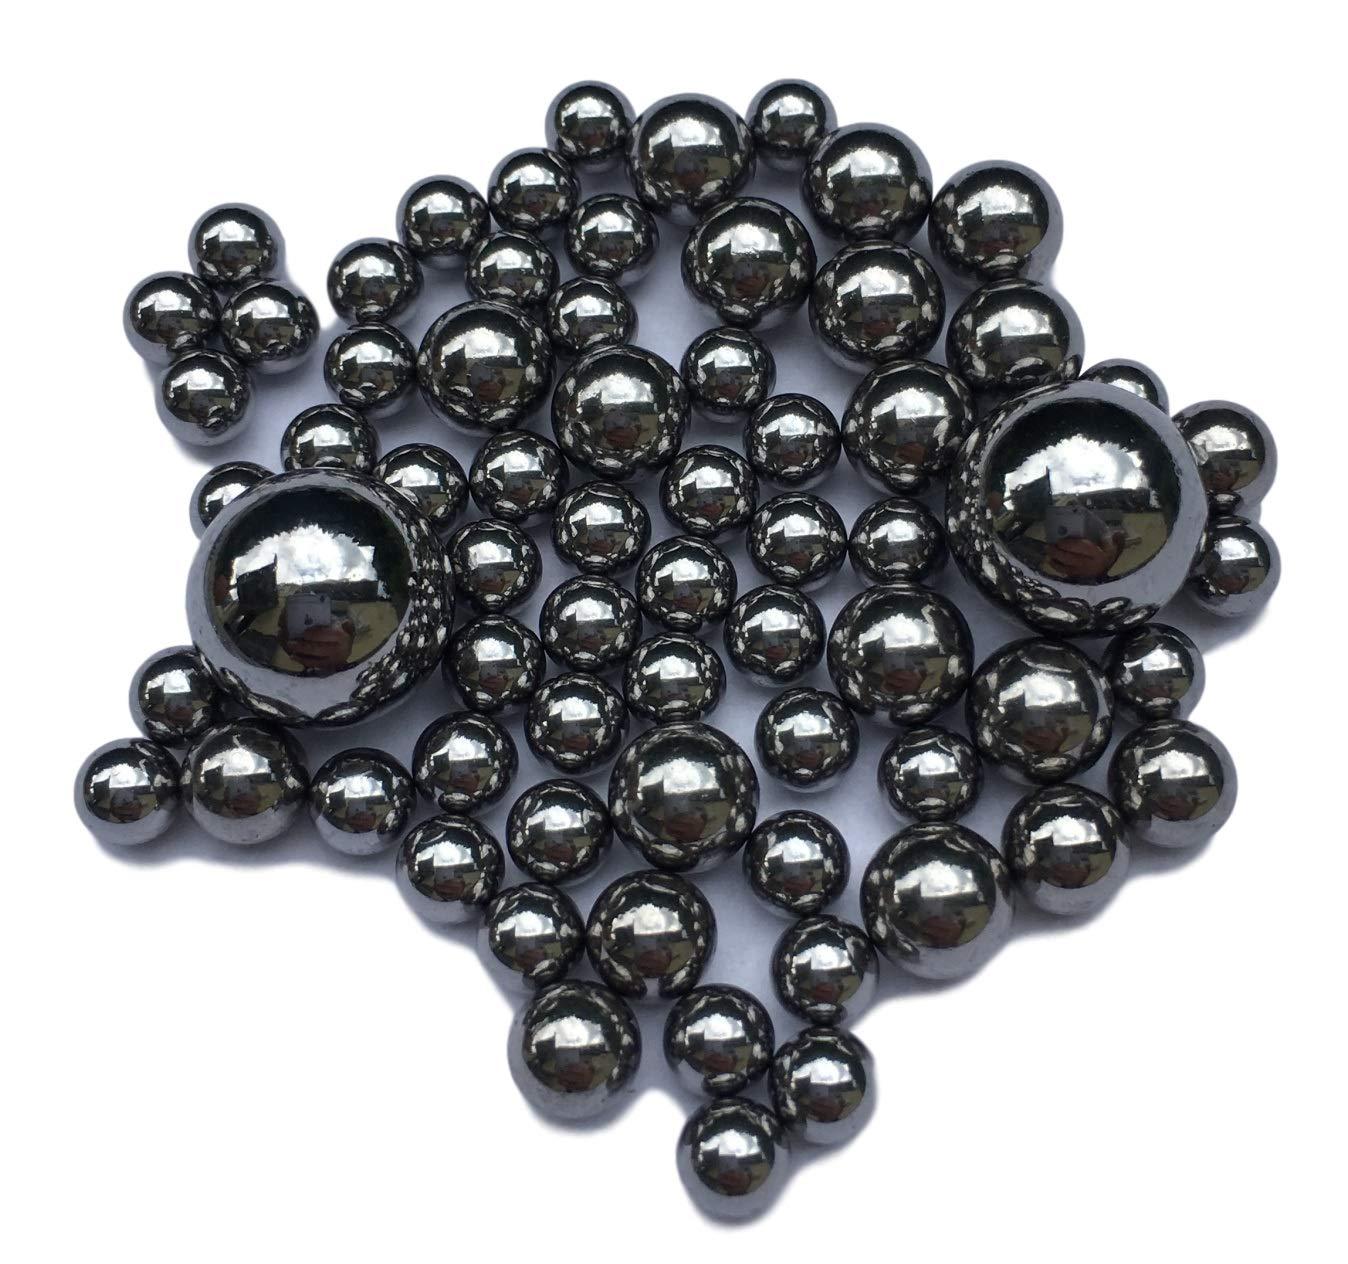 Diametro di selezione officina cuscinetti 100 X sfere in acciaio per cuscinetti a sfera /& macchinari 1mm modellismo 0,8 mm fino a 12 mm 1 2 3 4 5 6 7 8 9 10 11 12 mm acciaio cromato temprato